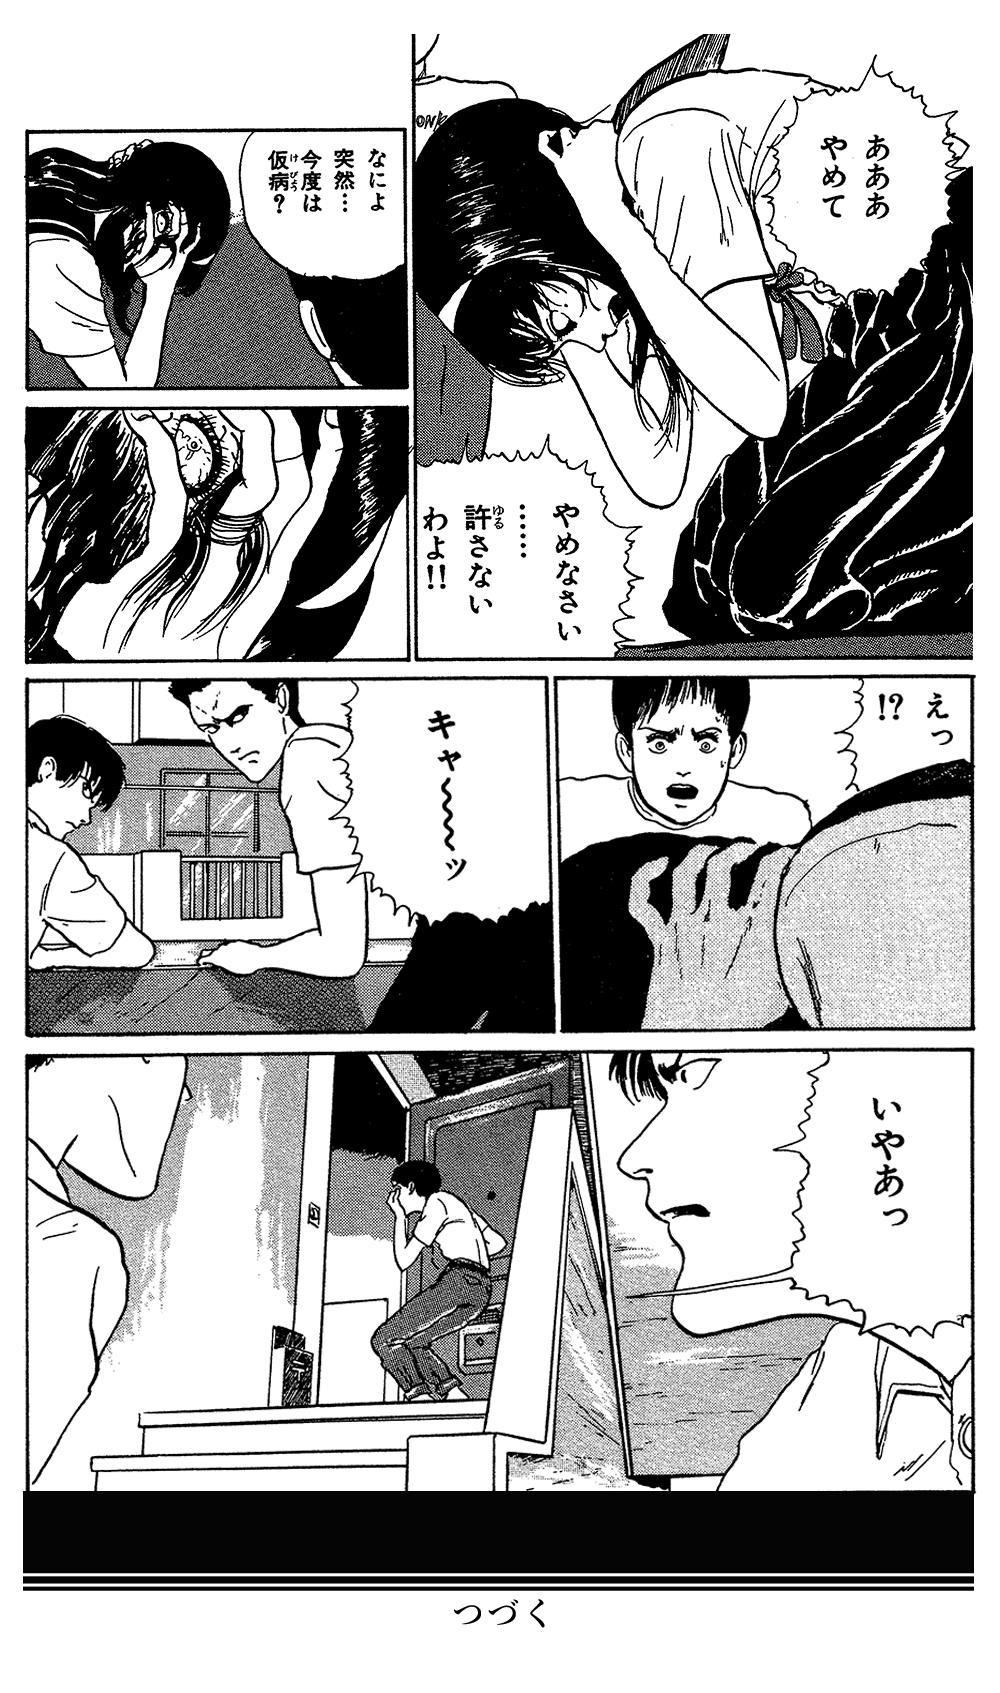 伊藤潤二傑作集 第4話「富江 写真」④jjunji13-09.jpg